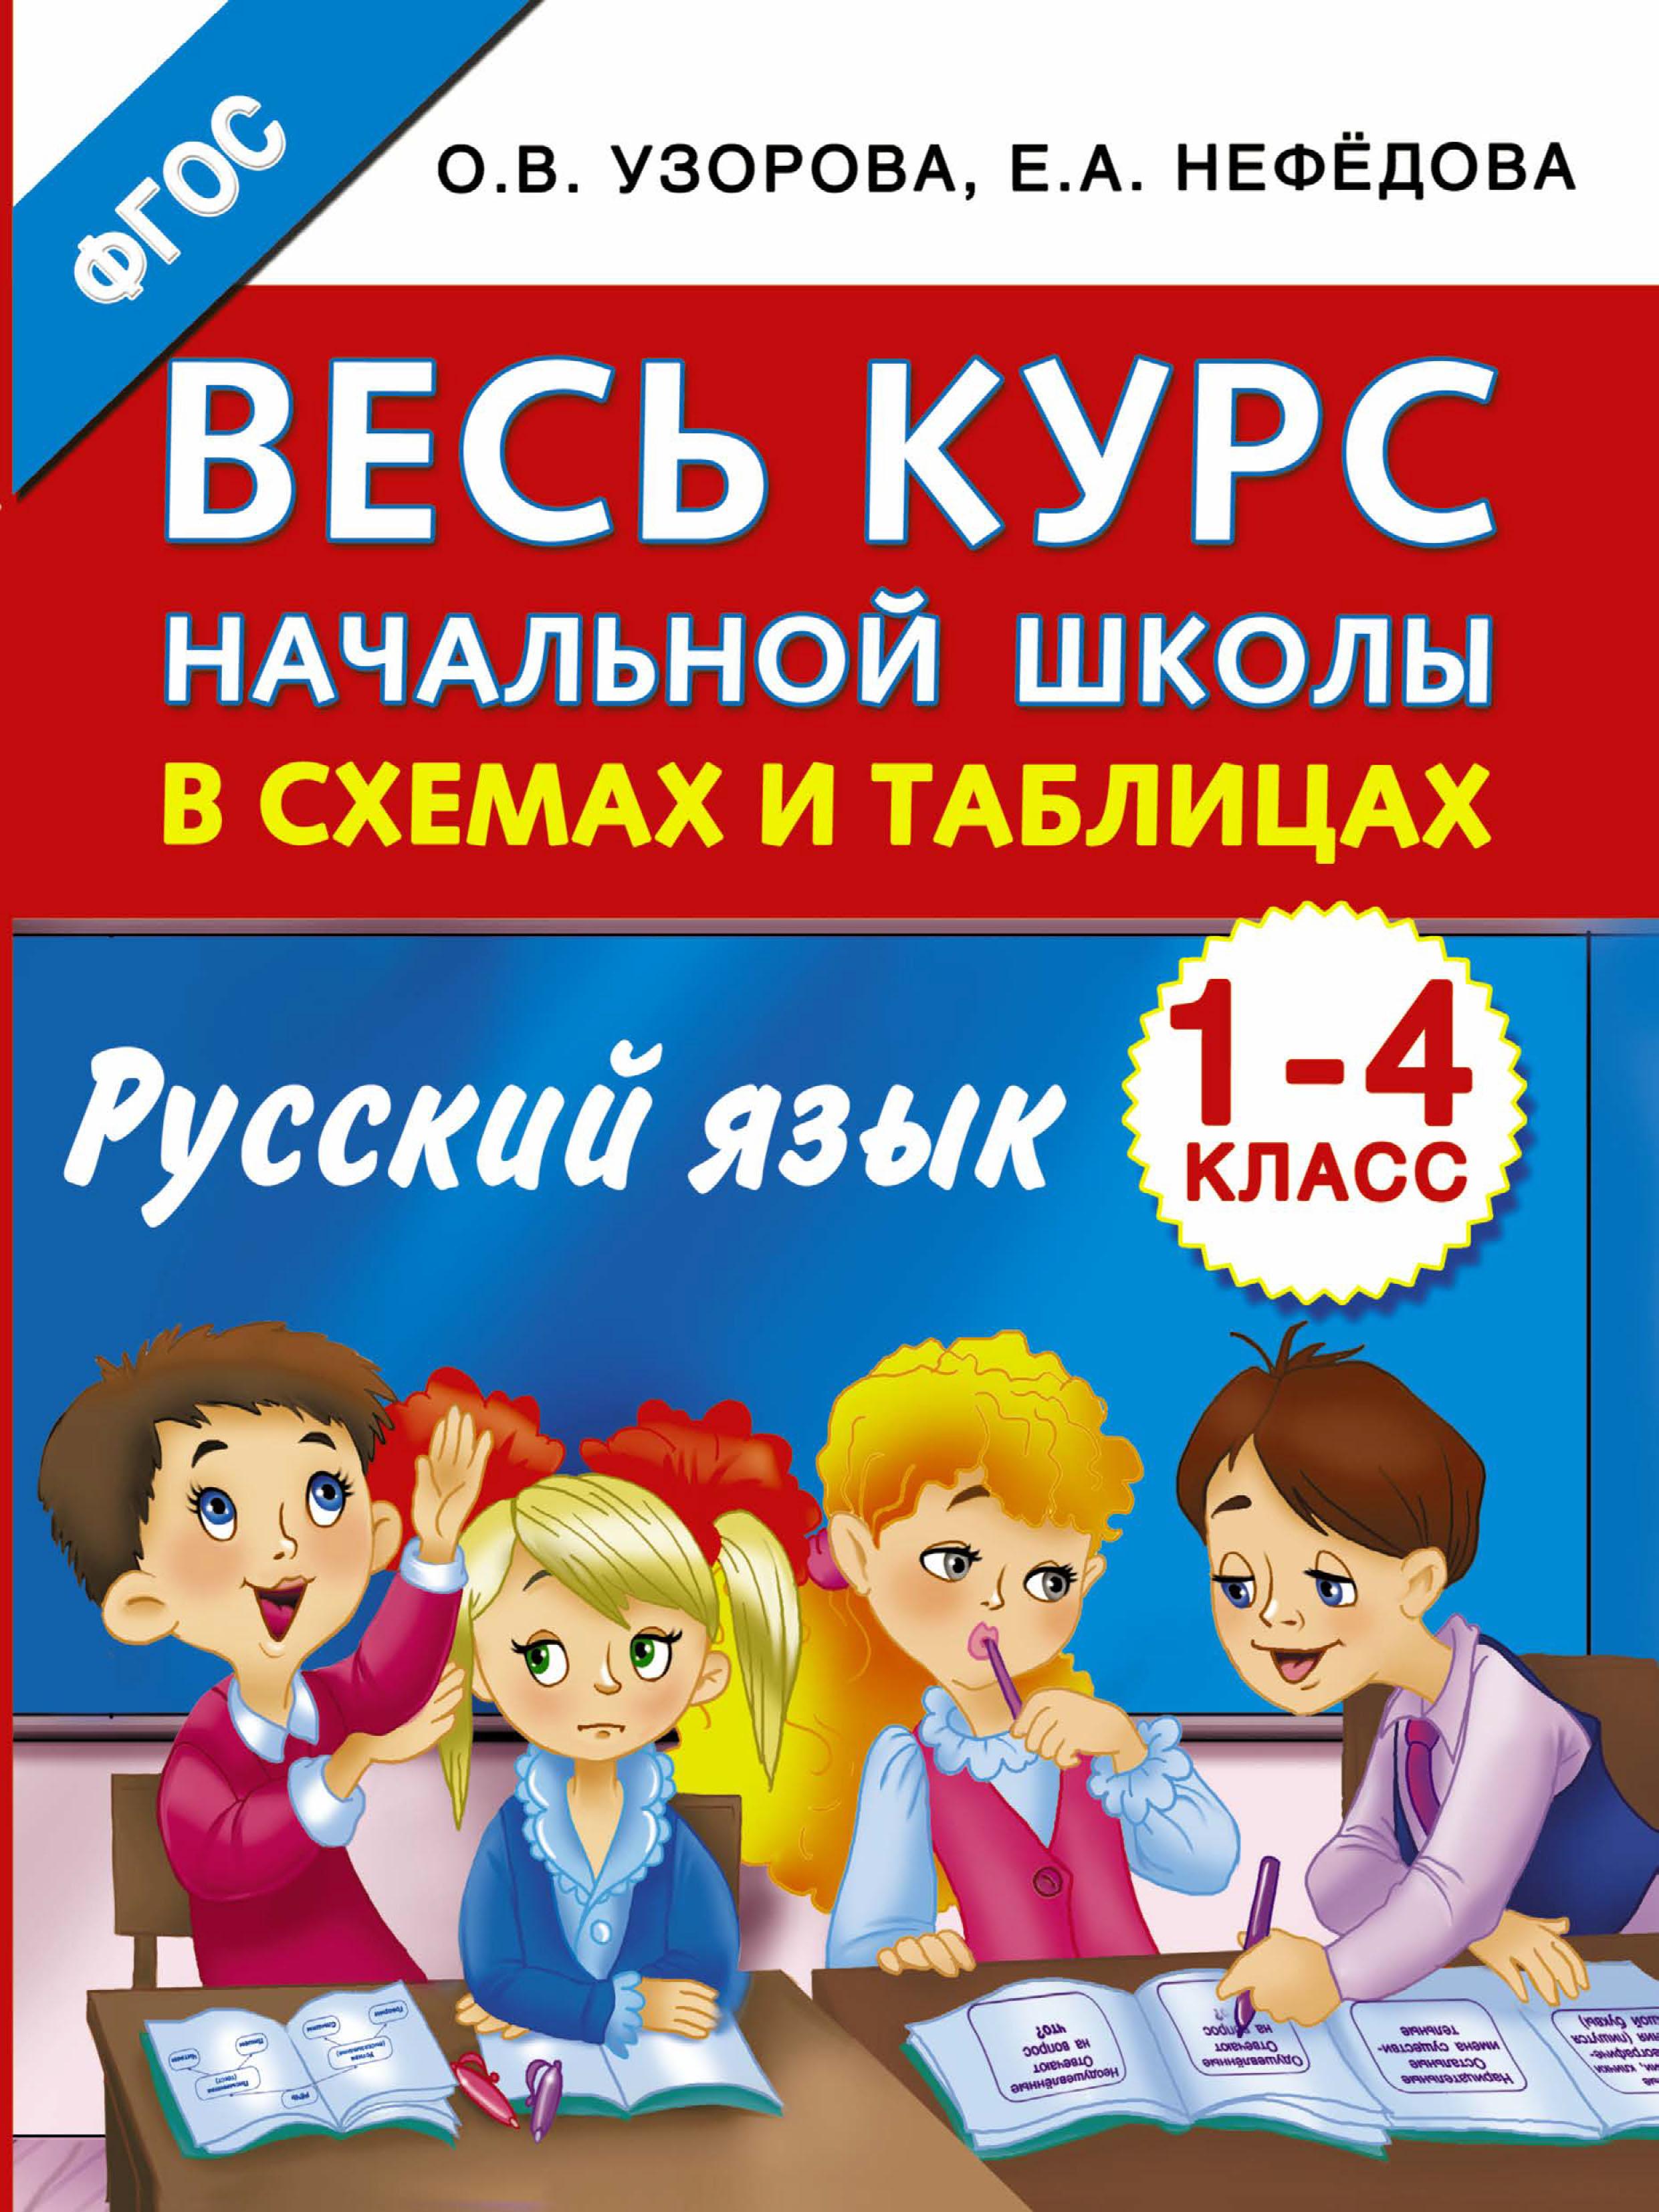 Весь курс начальной школы в схемах и таблицах. Русский язык. 1-4 классы